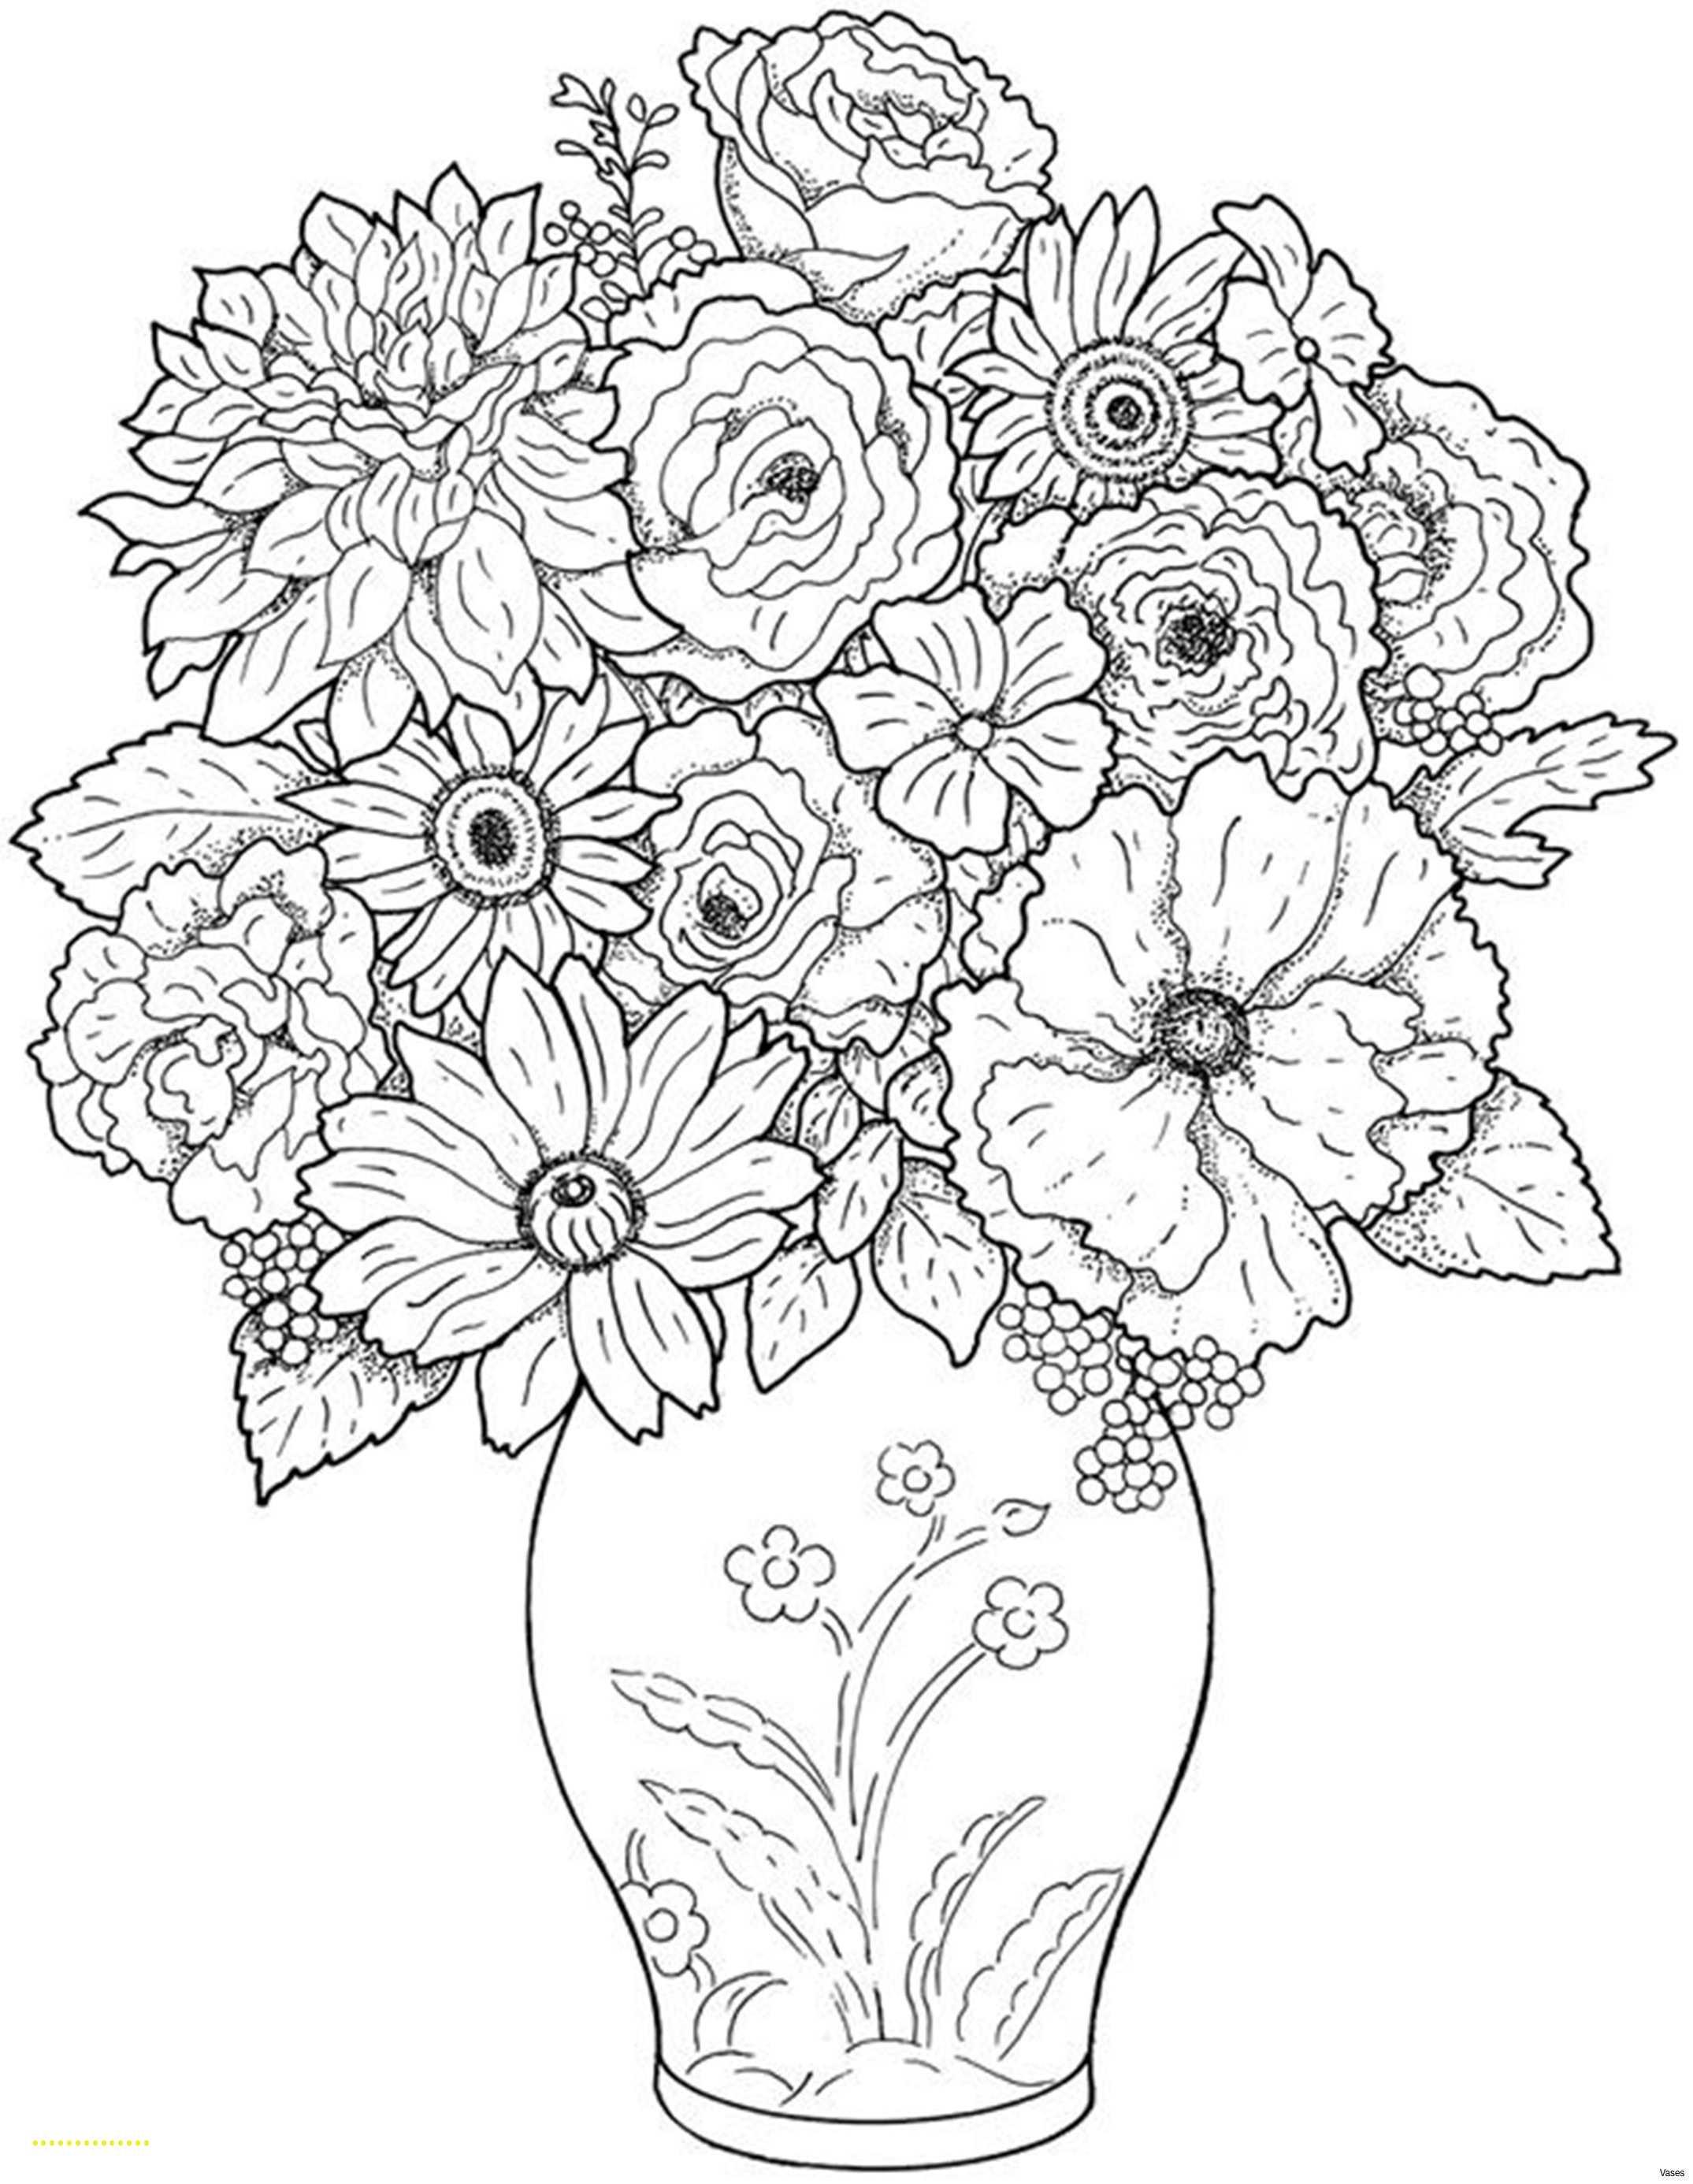 big flower vase with flowers of big flower vases lovely cool vases flower vase coloring page pages for big flower vases lovely cool vases flower vase coloring page pages flowers in a top i 0